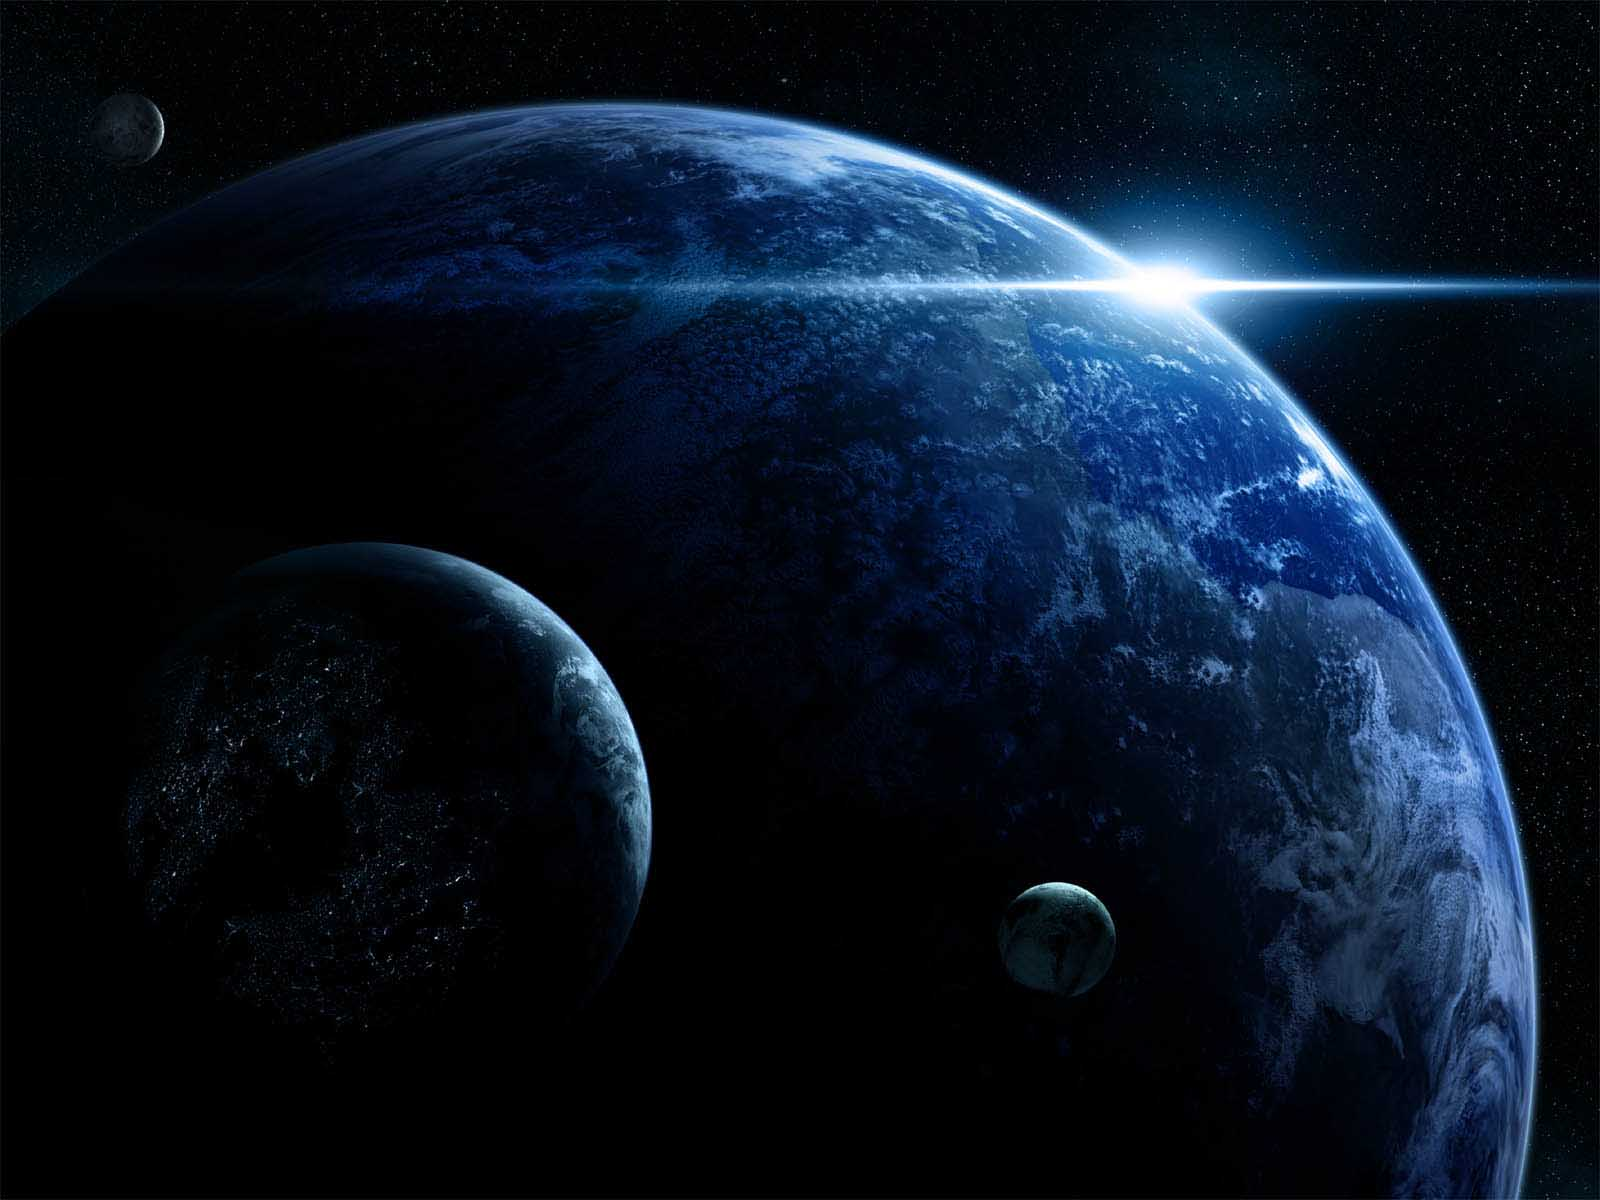 Space - Space Wallpaper (584336) - Fanpop